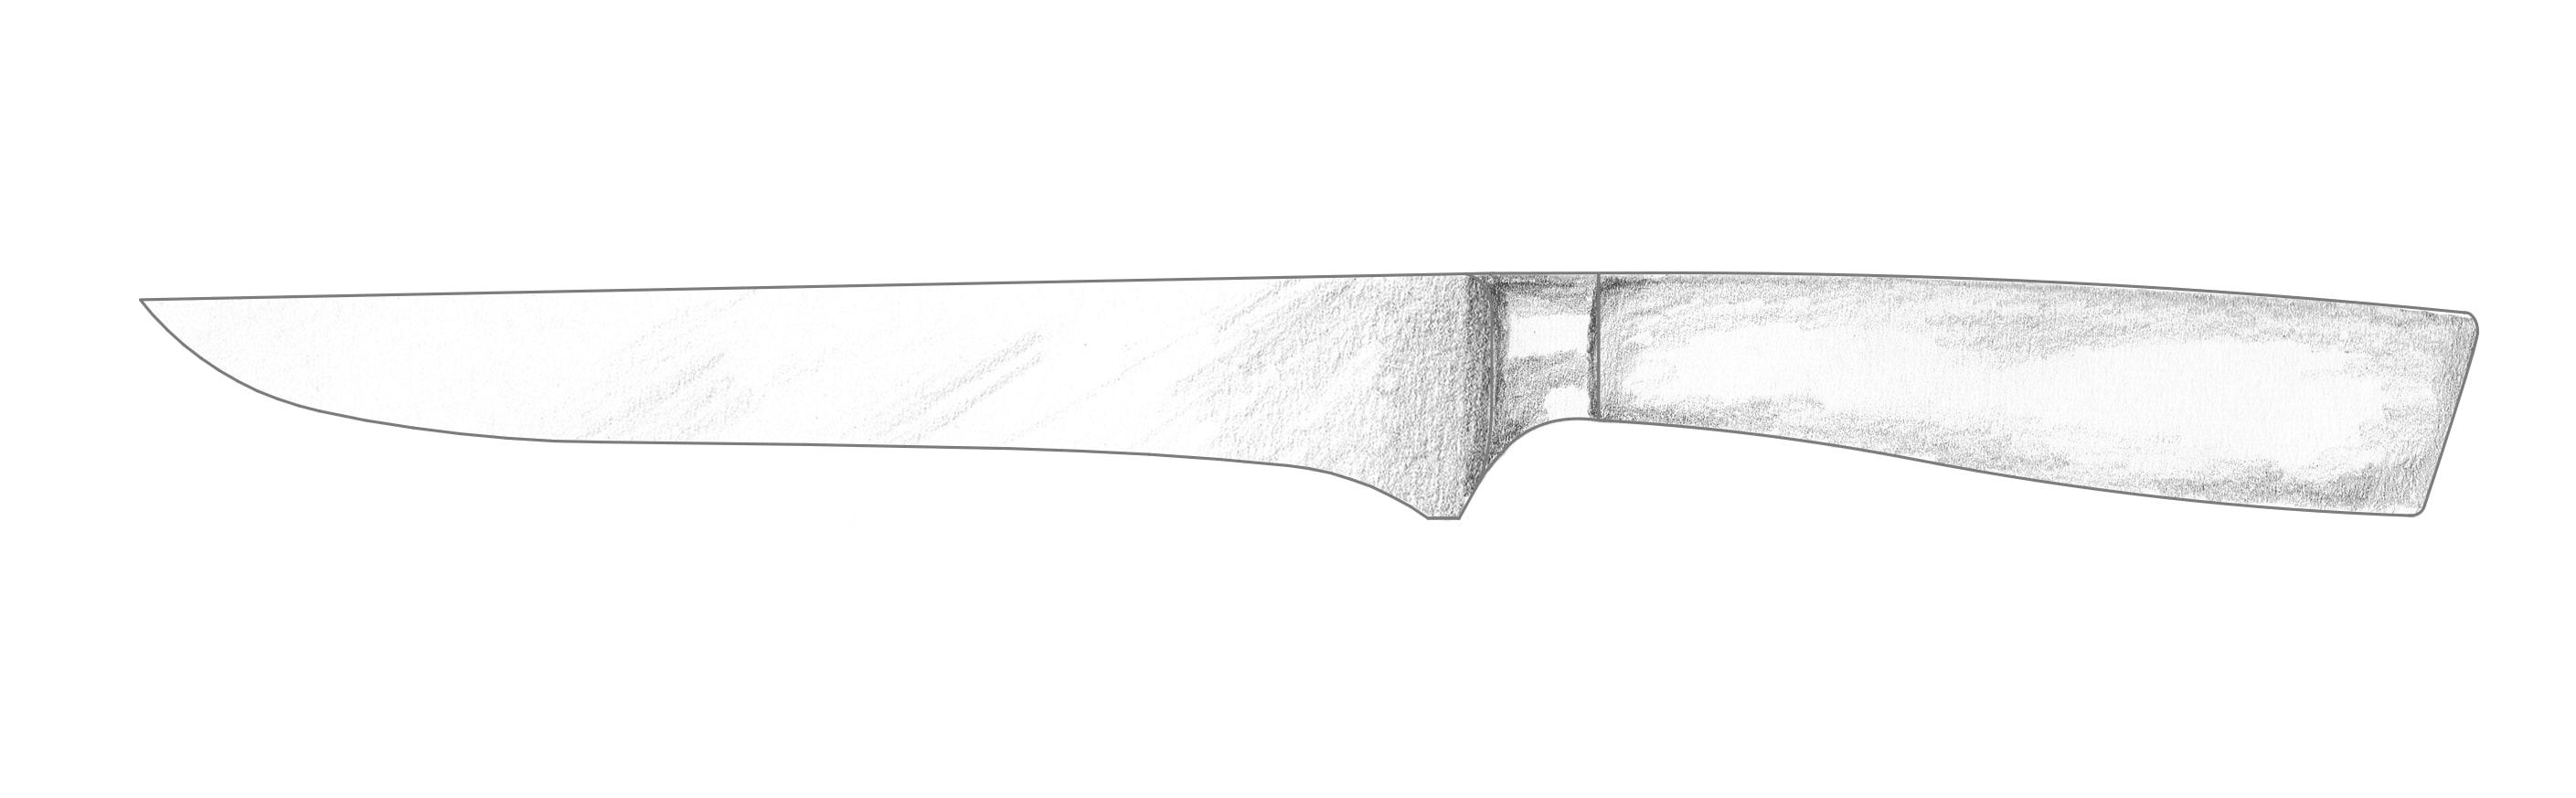 klingenform_ausbeinmesser